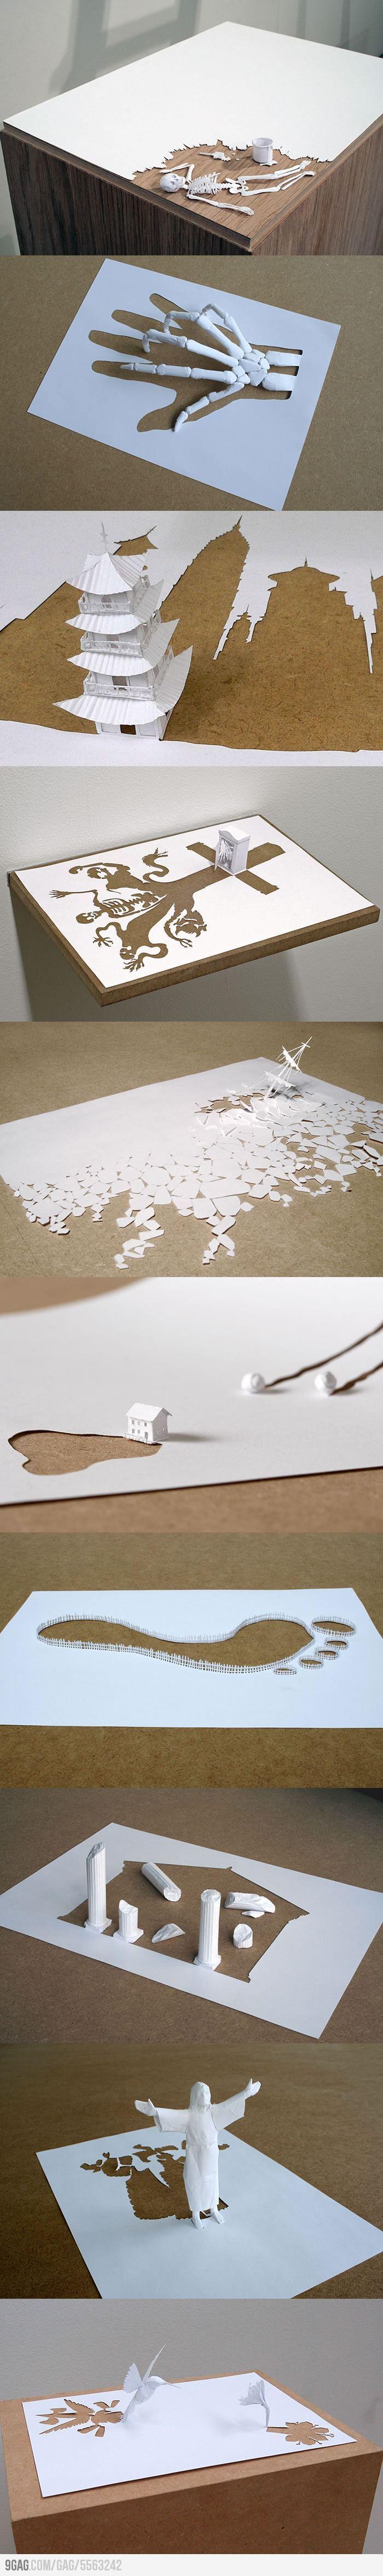 Art avec du papier